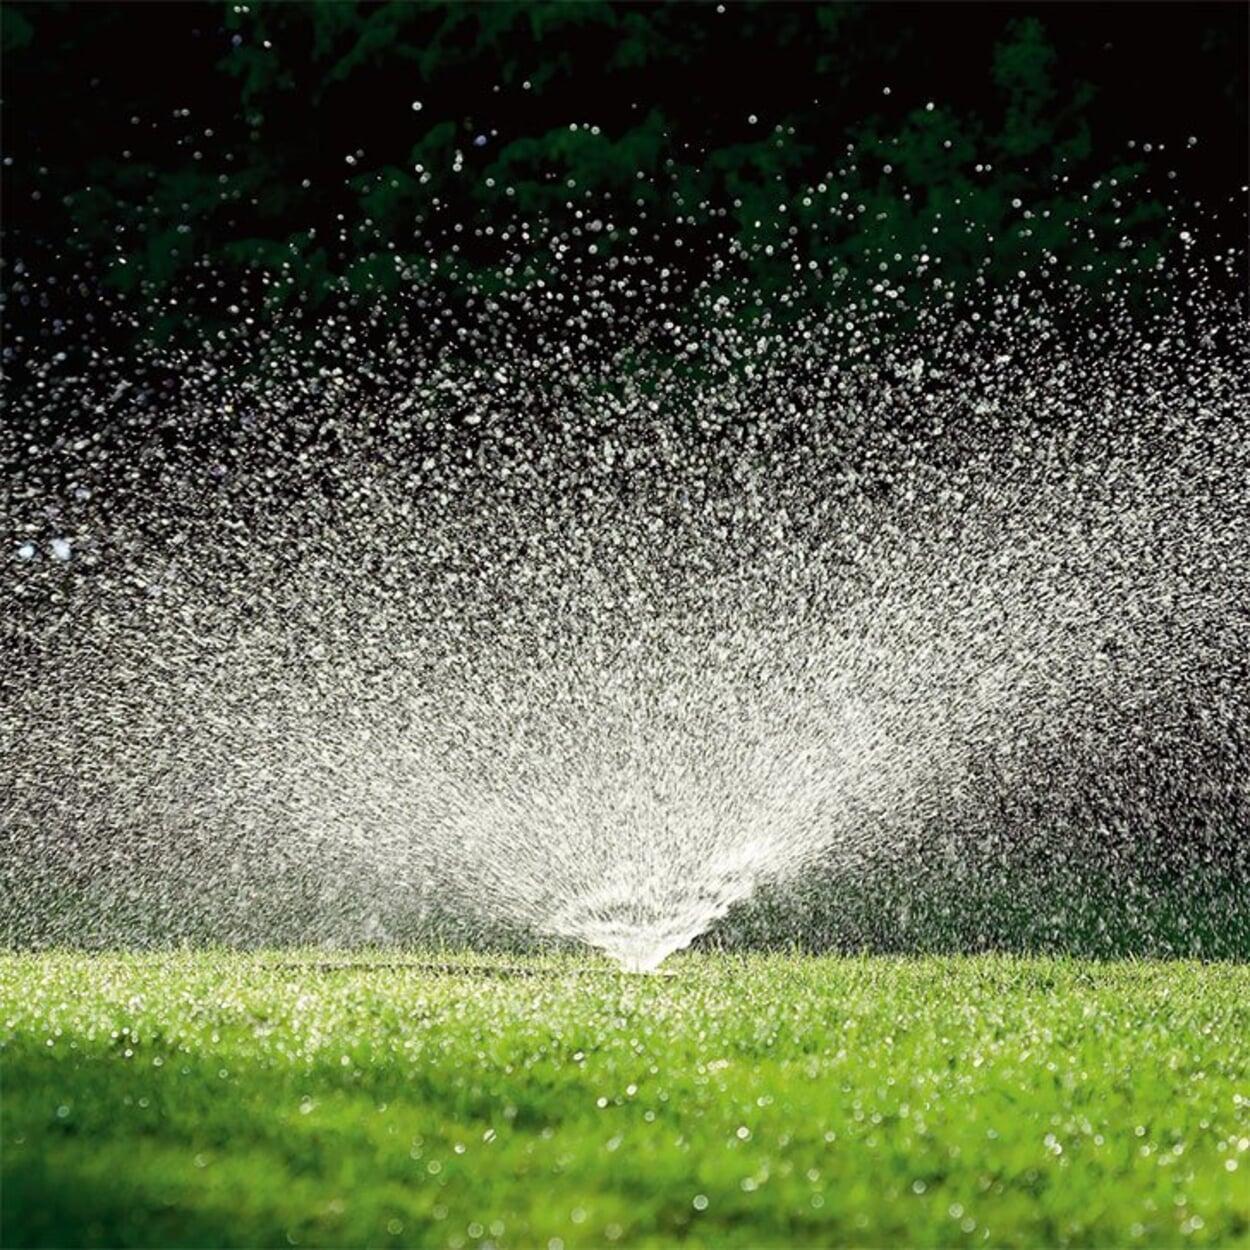 Gleichmäßig wässern, am besten mit einem Regner